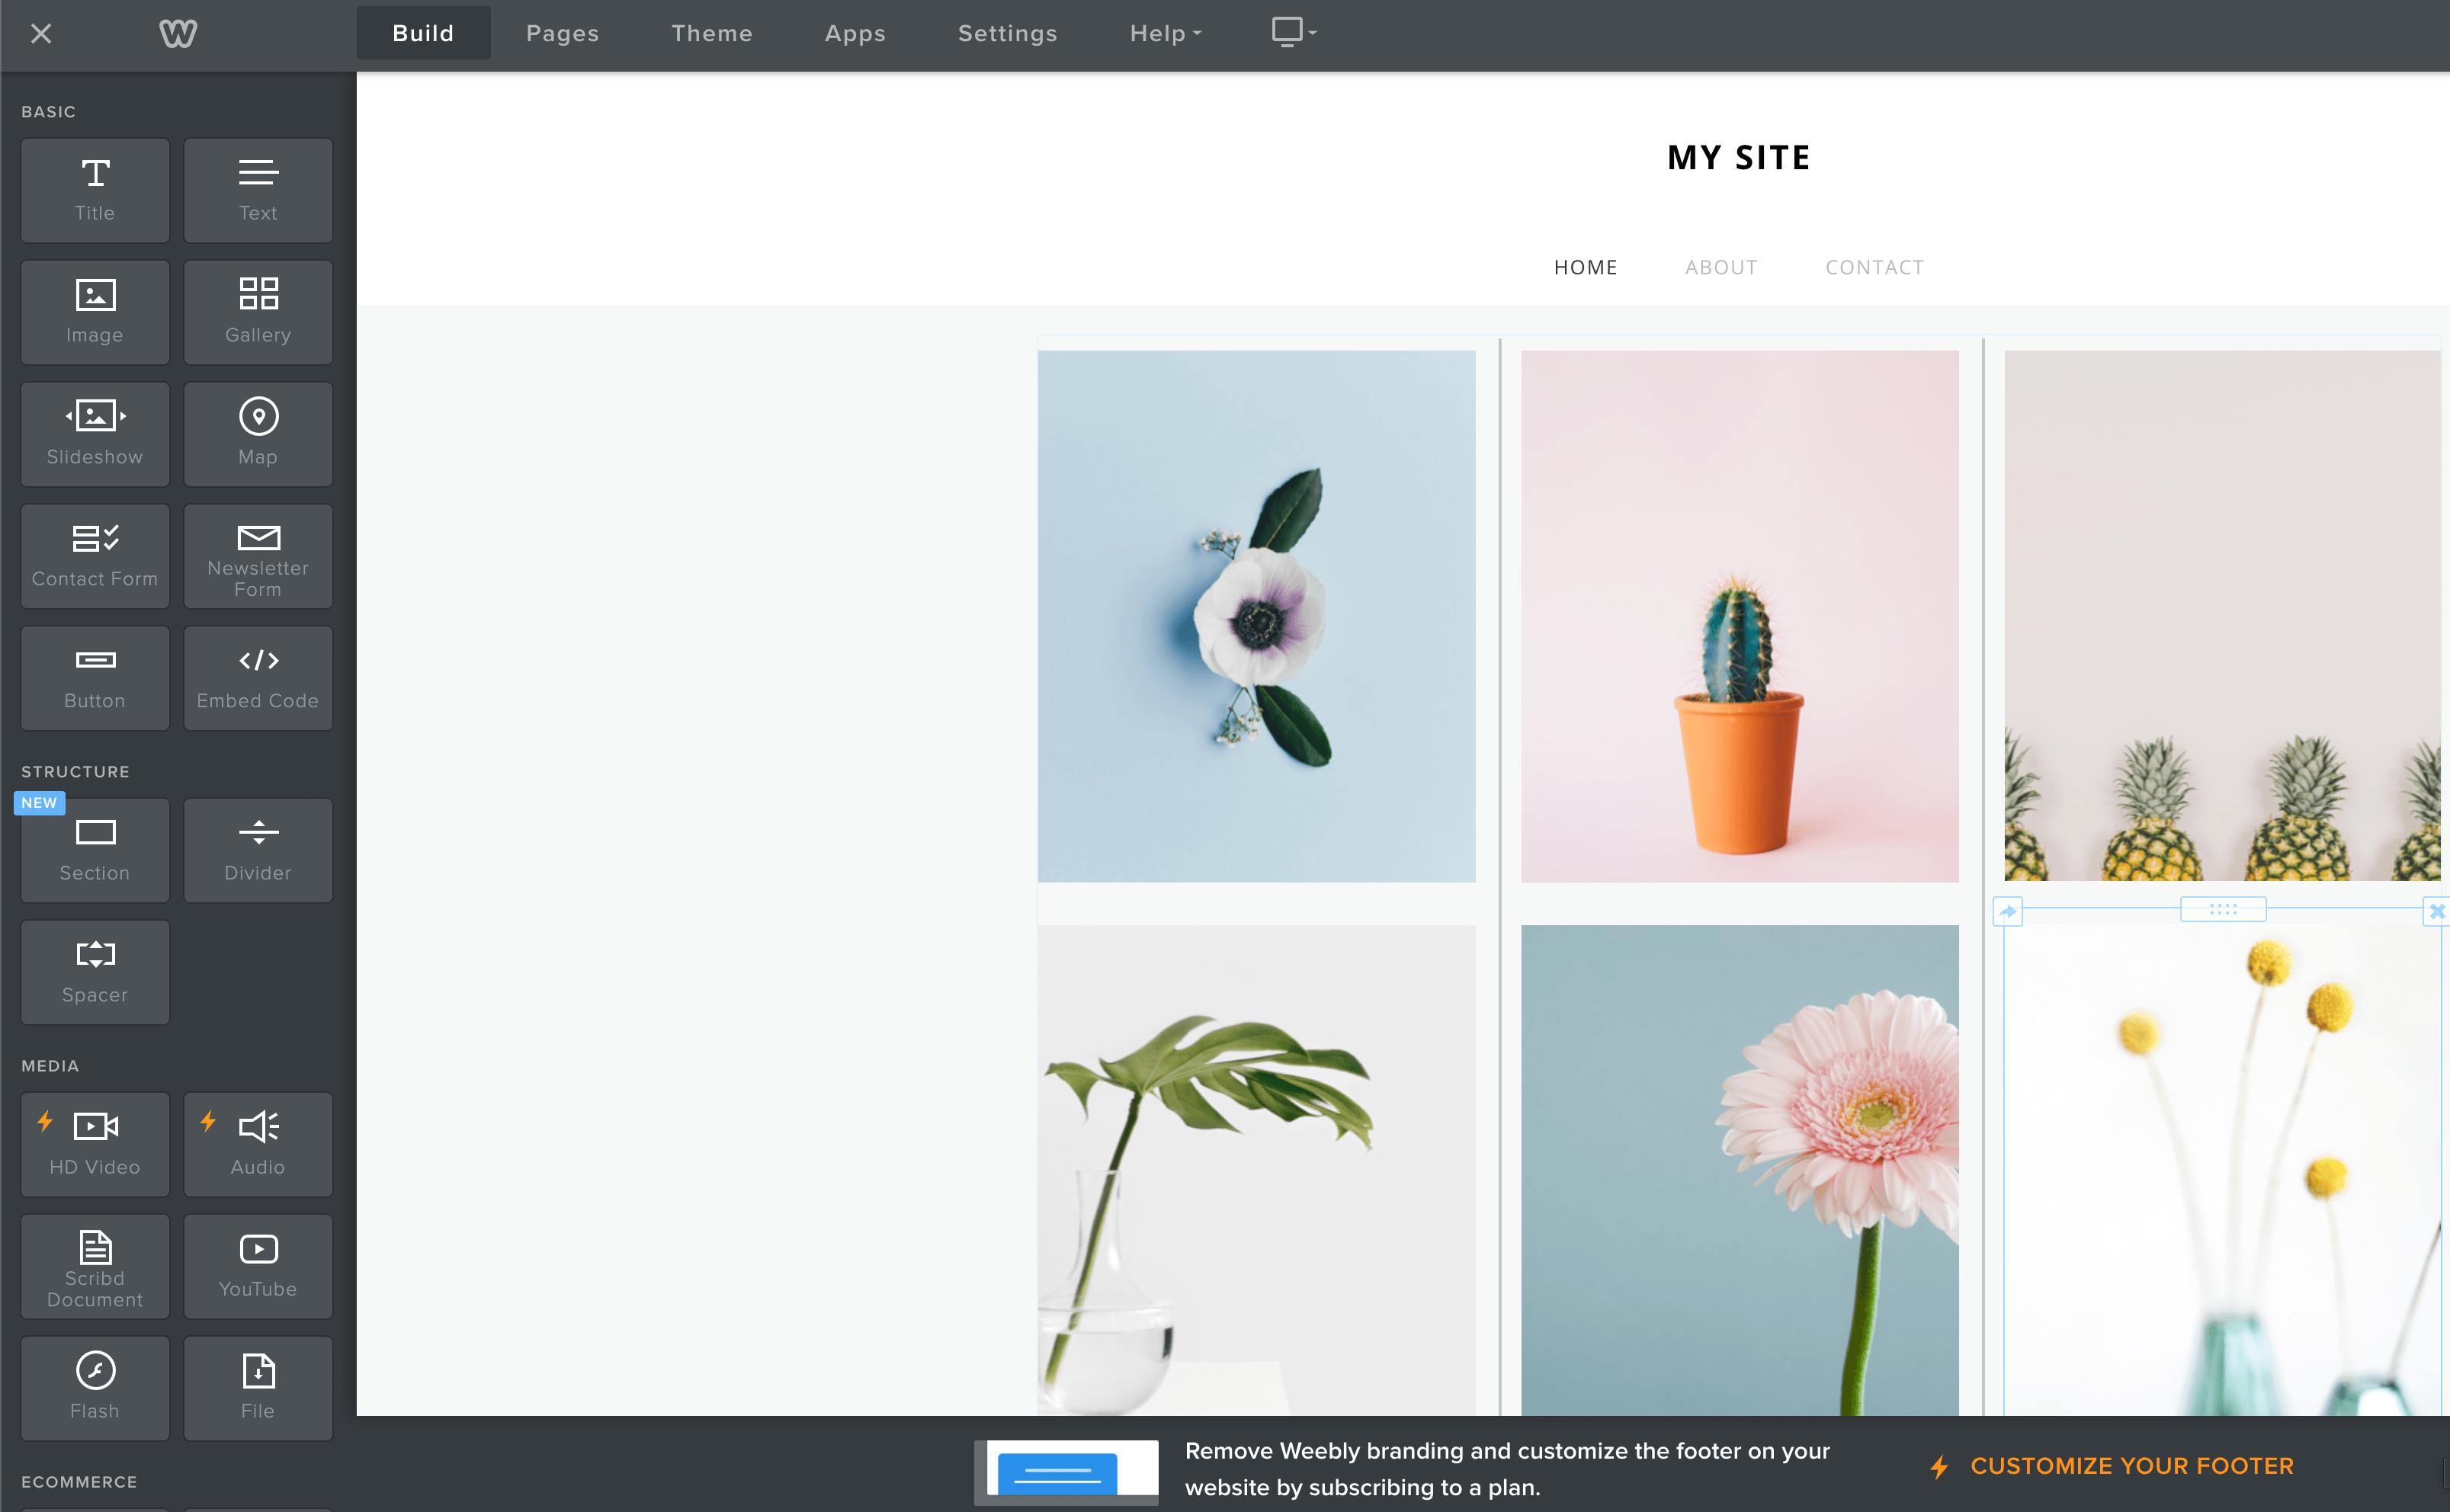 Web-oprettelse af weebly